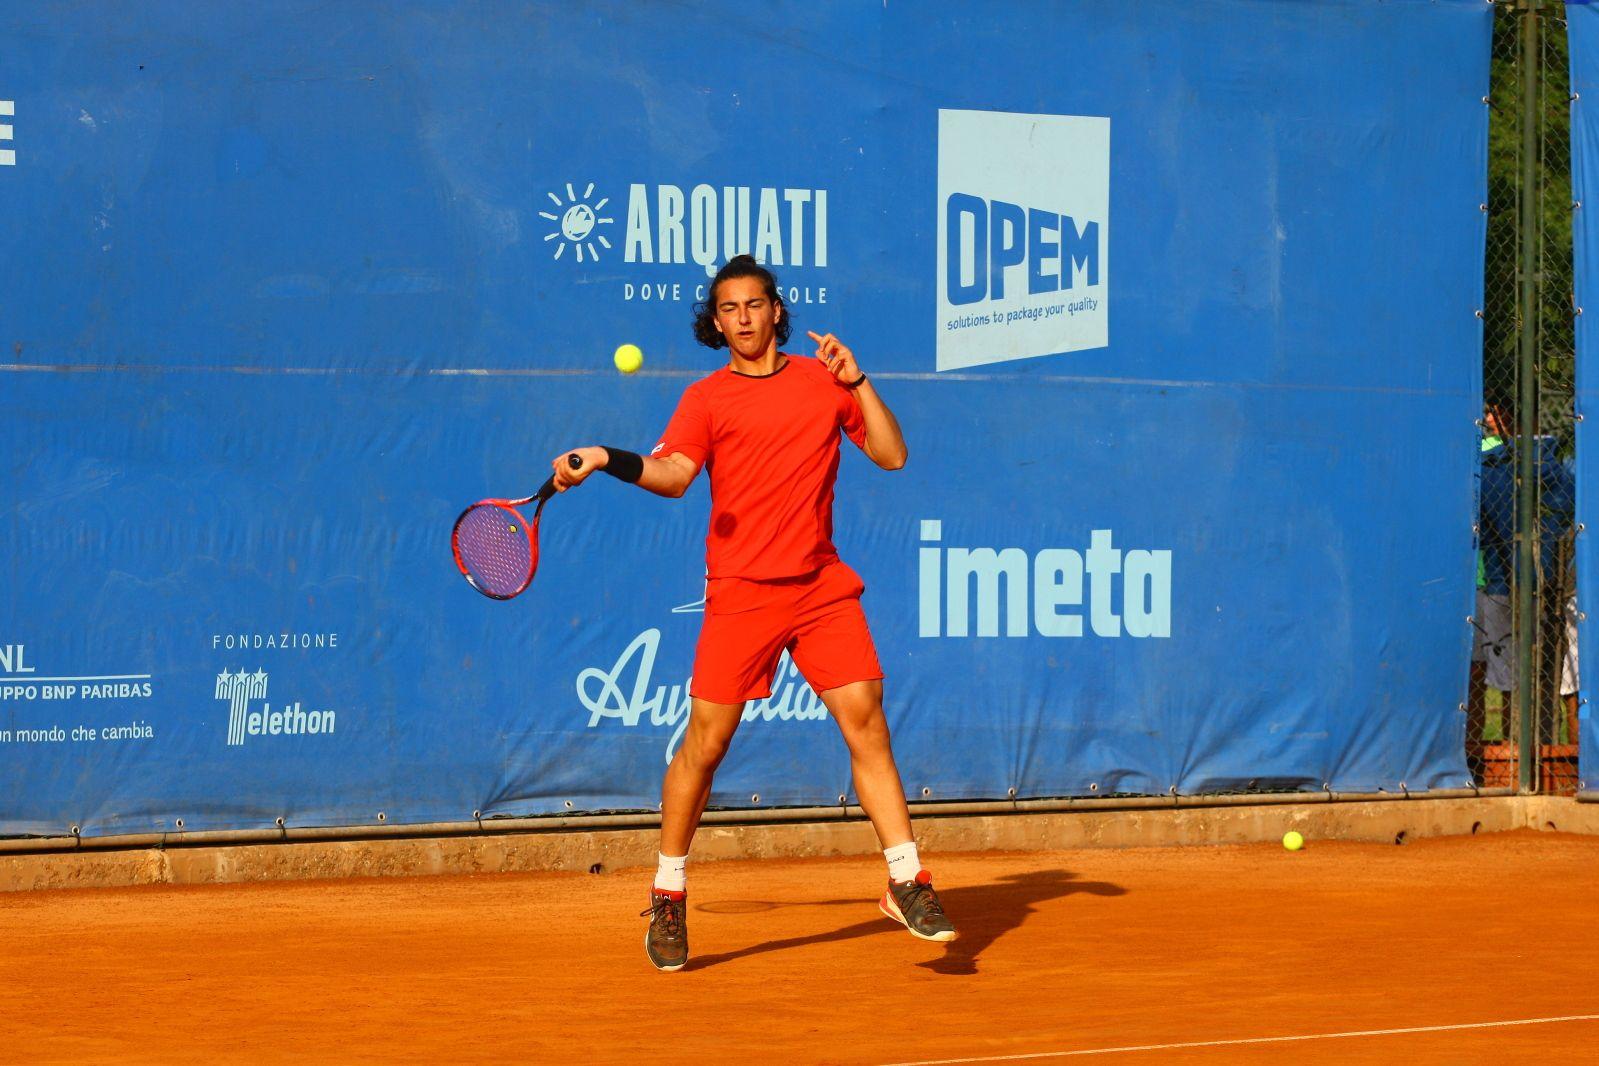 Giuseppe La Vela, classe 2000 e n.147 ITF